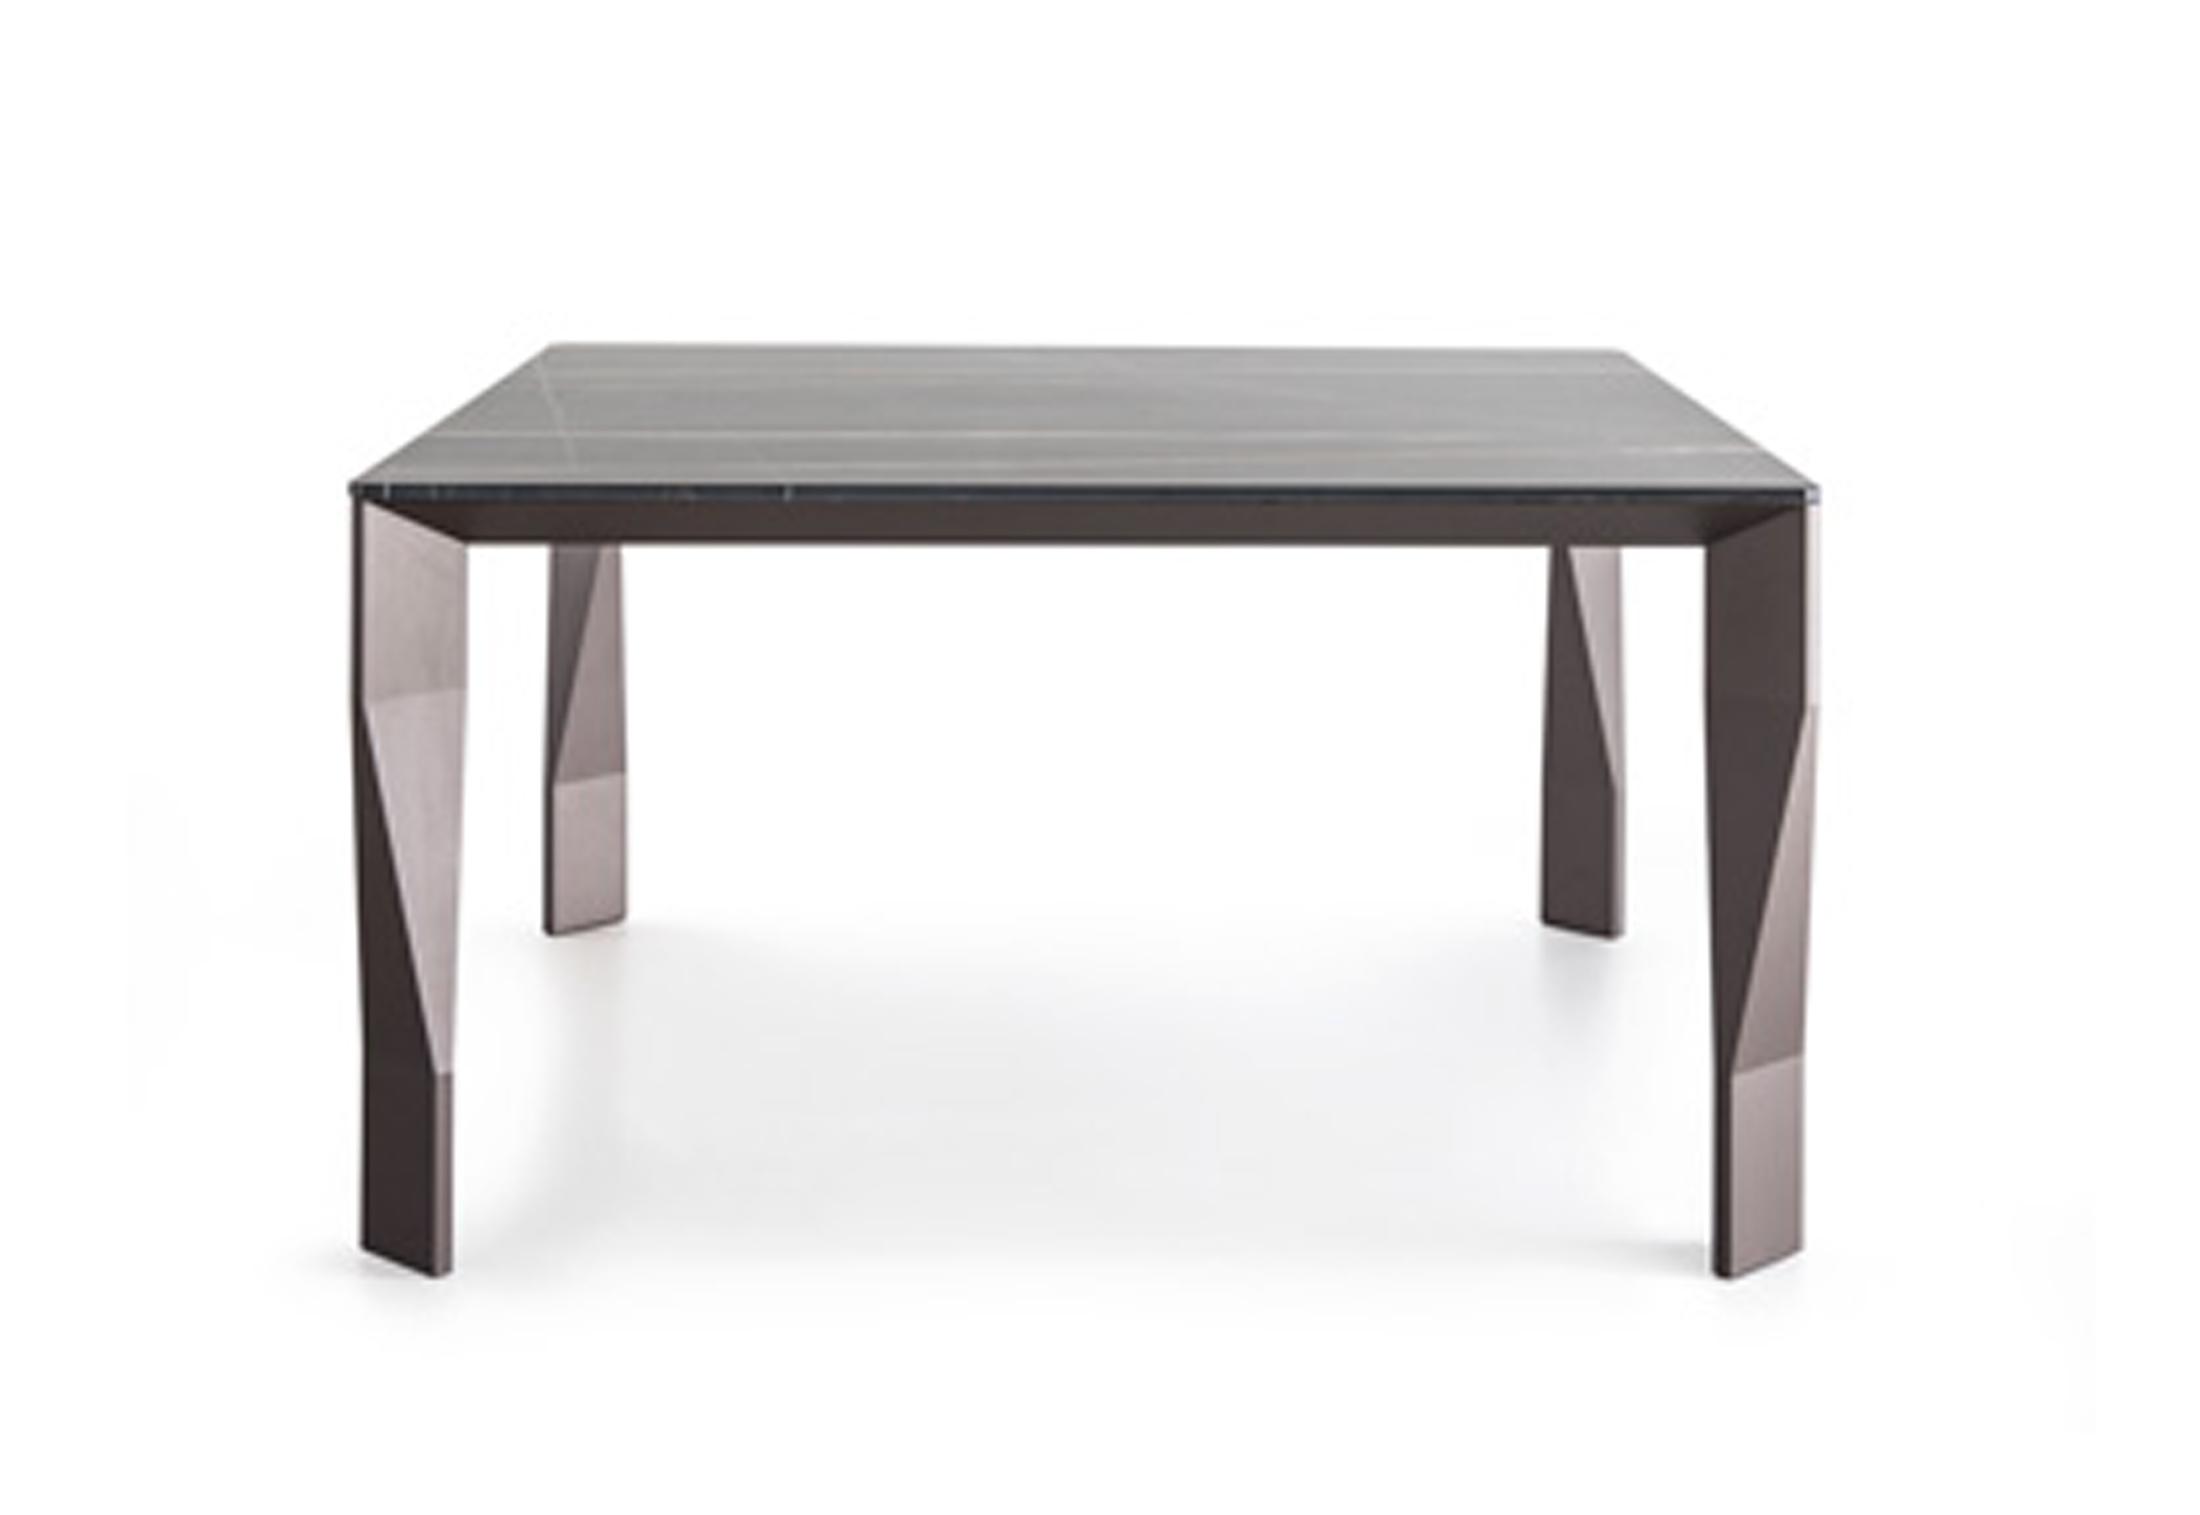 Diamond Tisch von Molteni & C | STYLEPARK